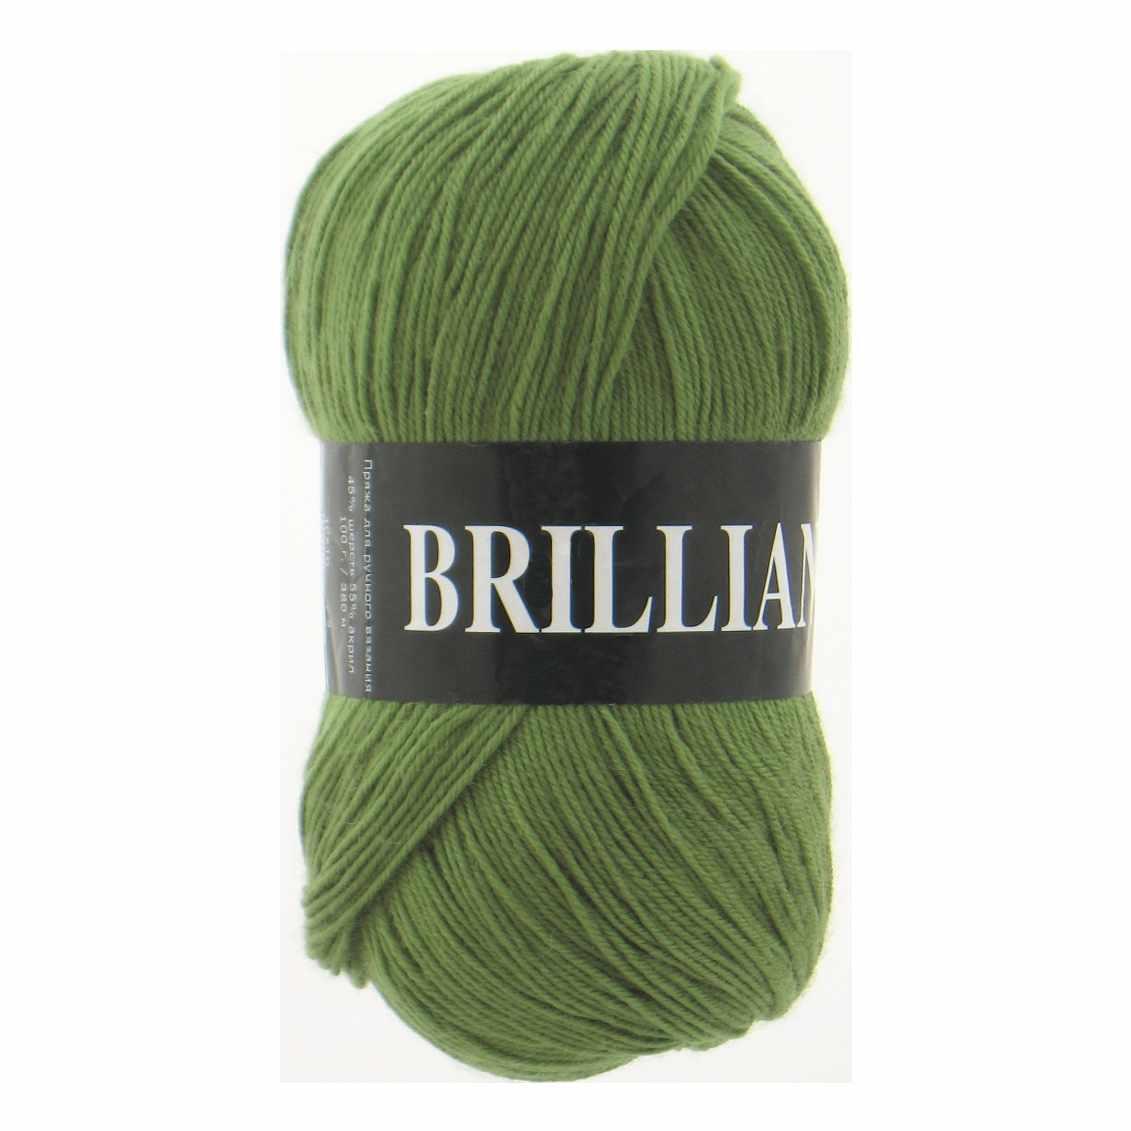 Пряжа VITA Brilliant Цвет.4959 Ссветло-оливковый